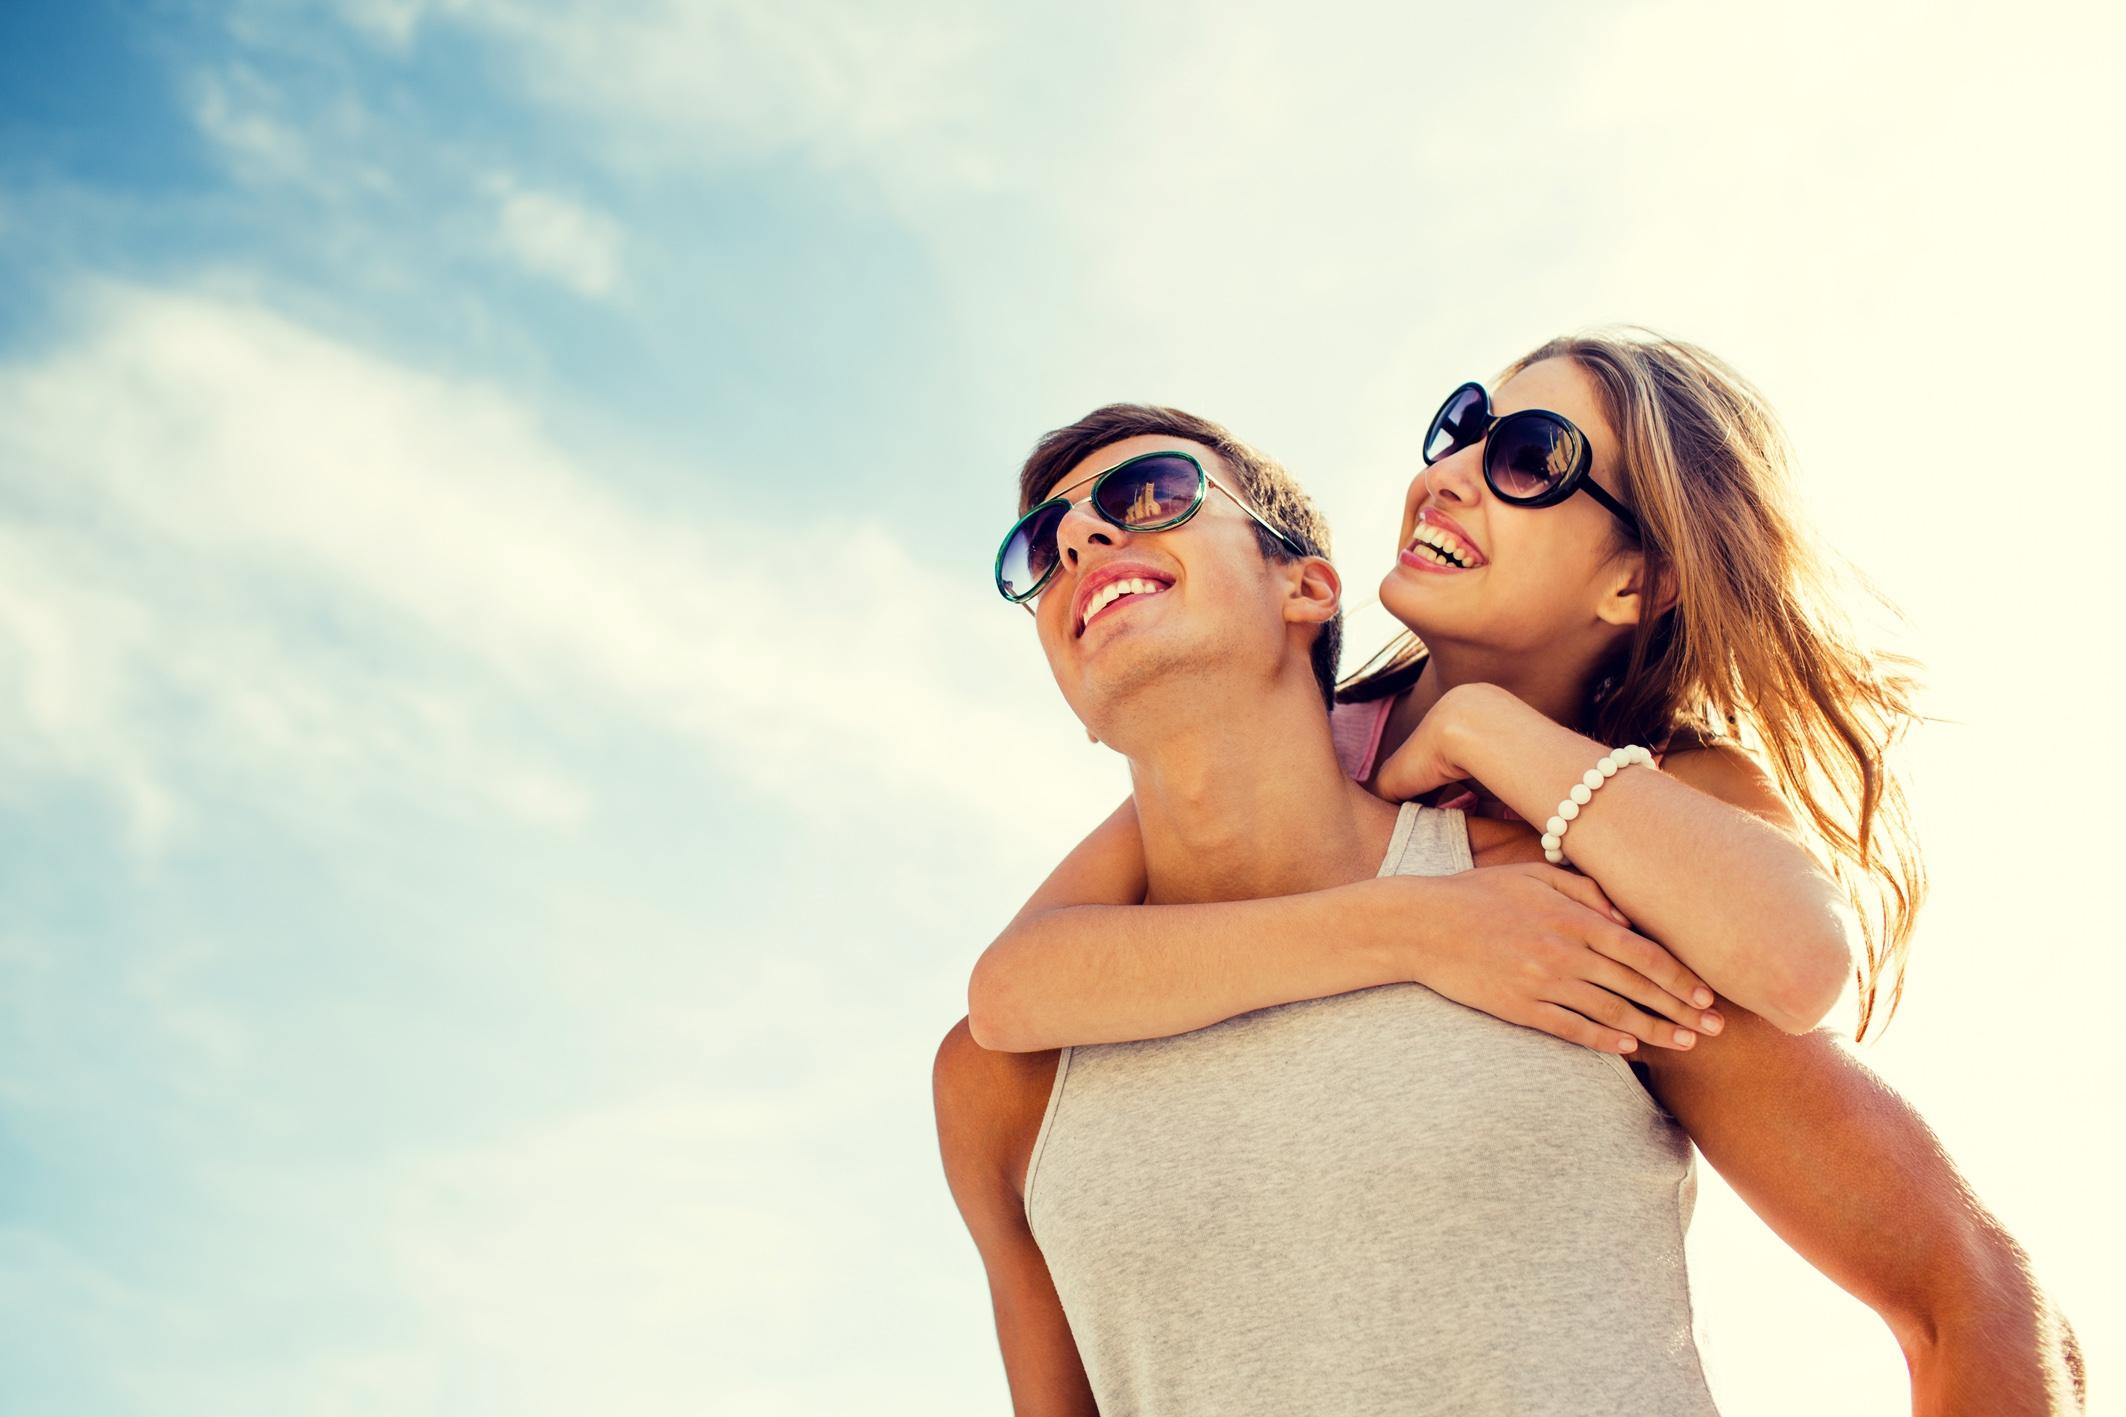 De 9 soorten mannen die je zal tegenkomen in je leven